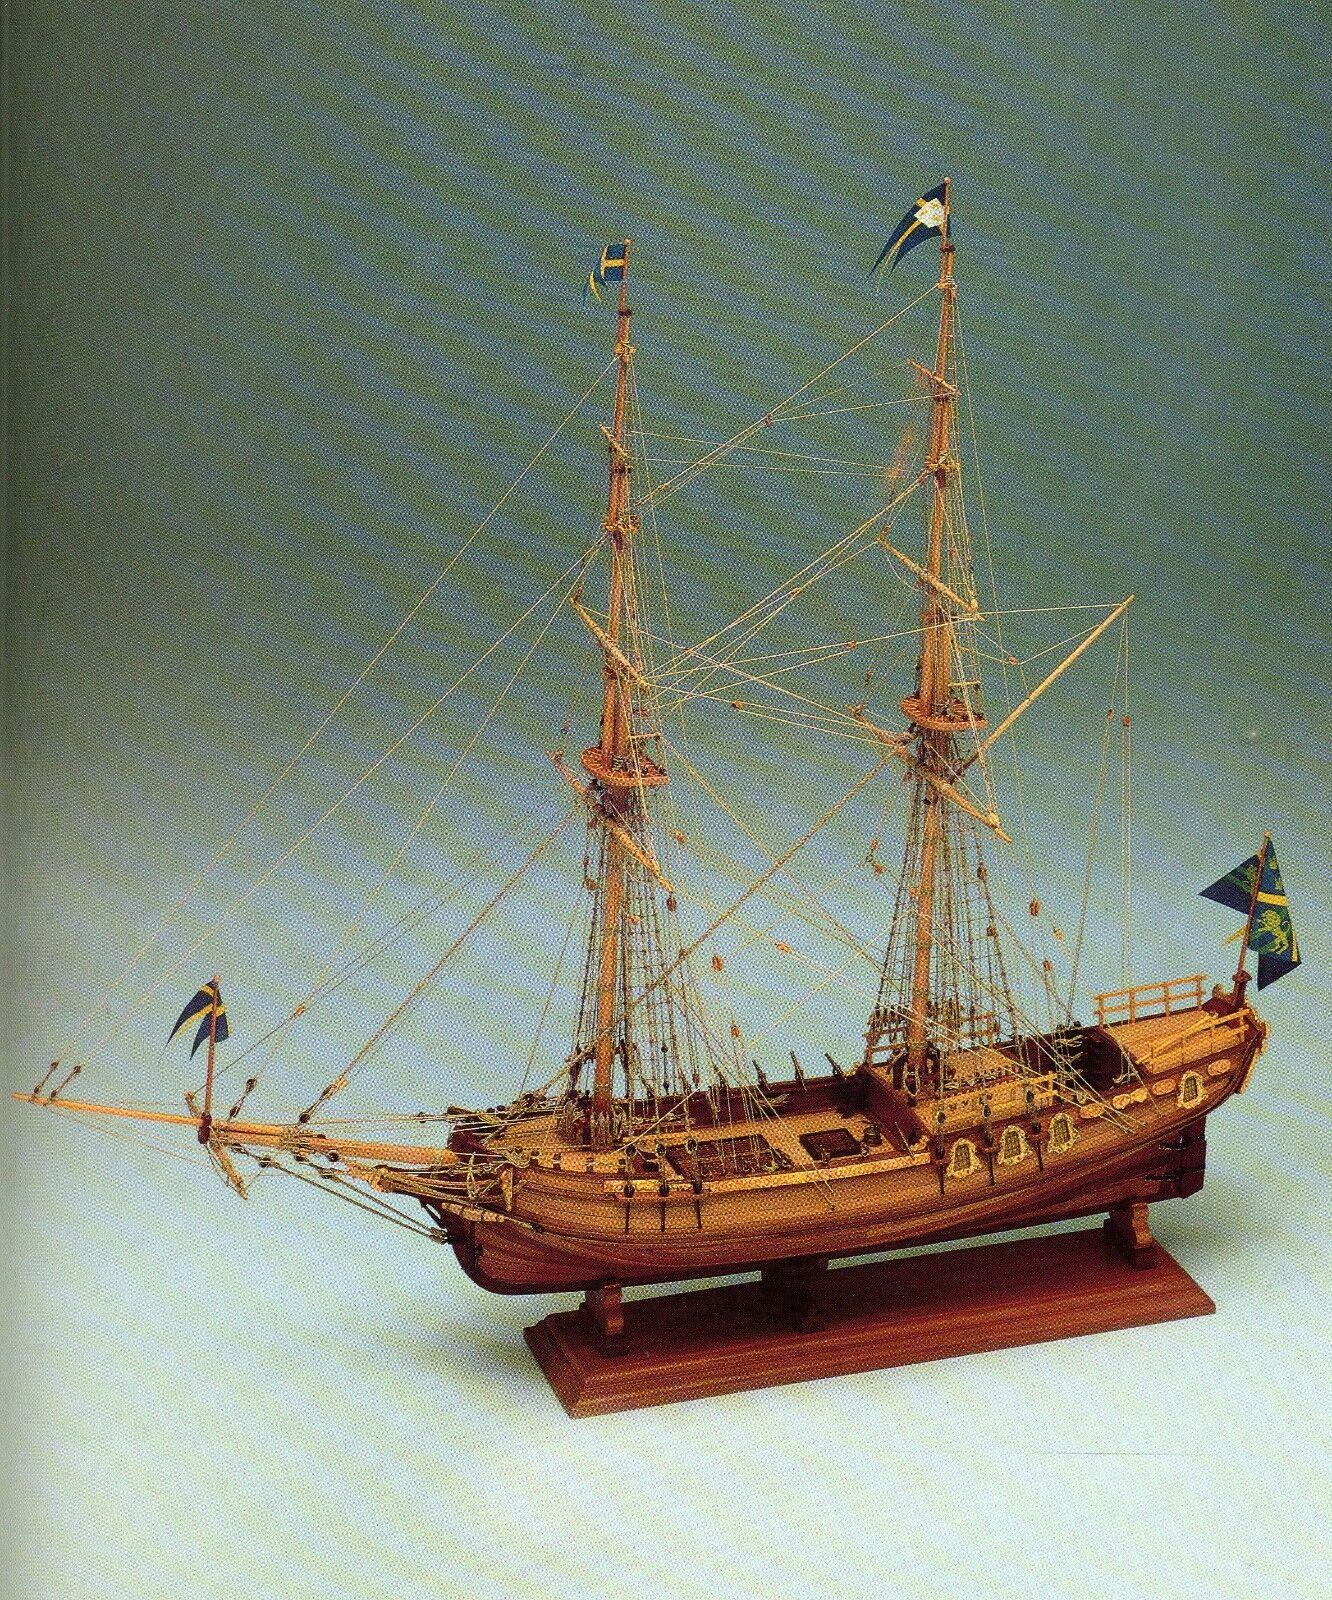 COREL SM20 BARCA Modello imbarcazione Nave AMPHION YACHT armato svedese 1 40